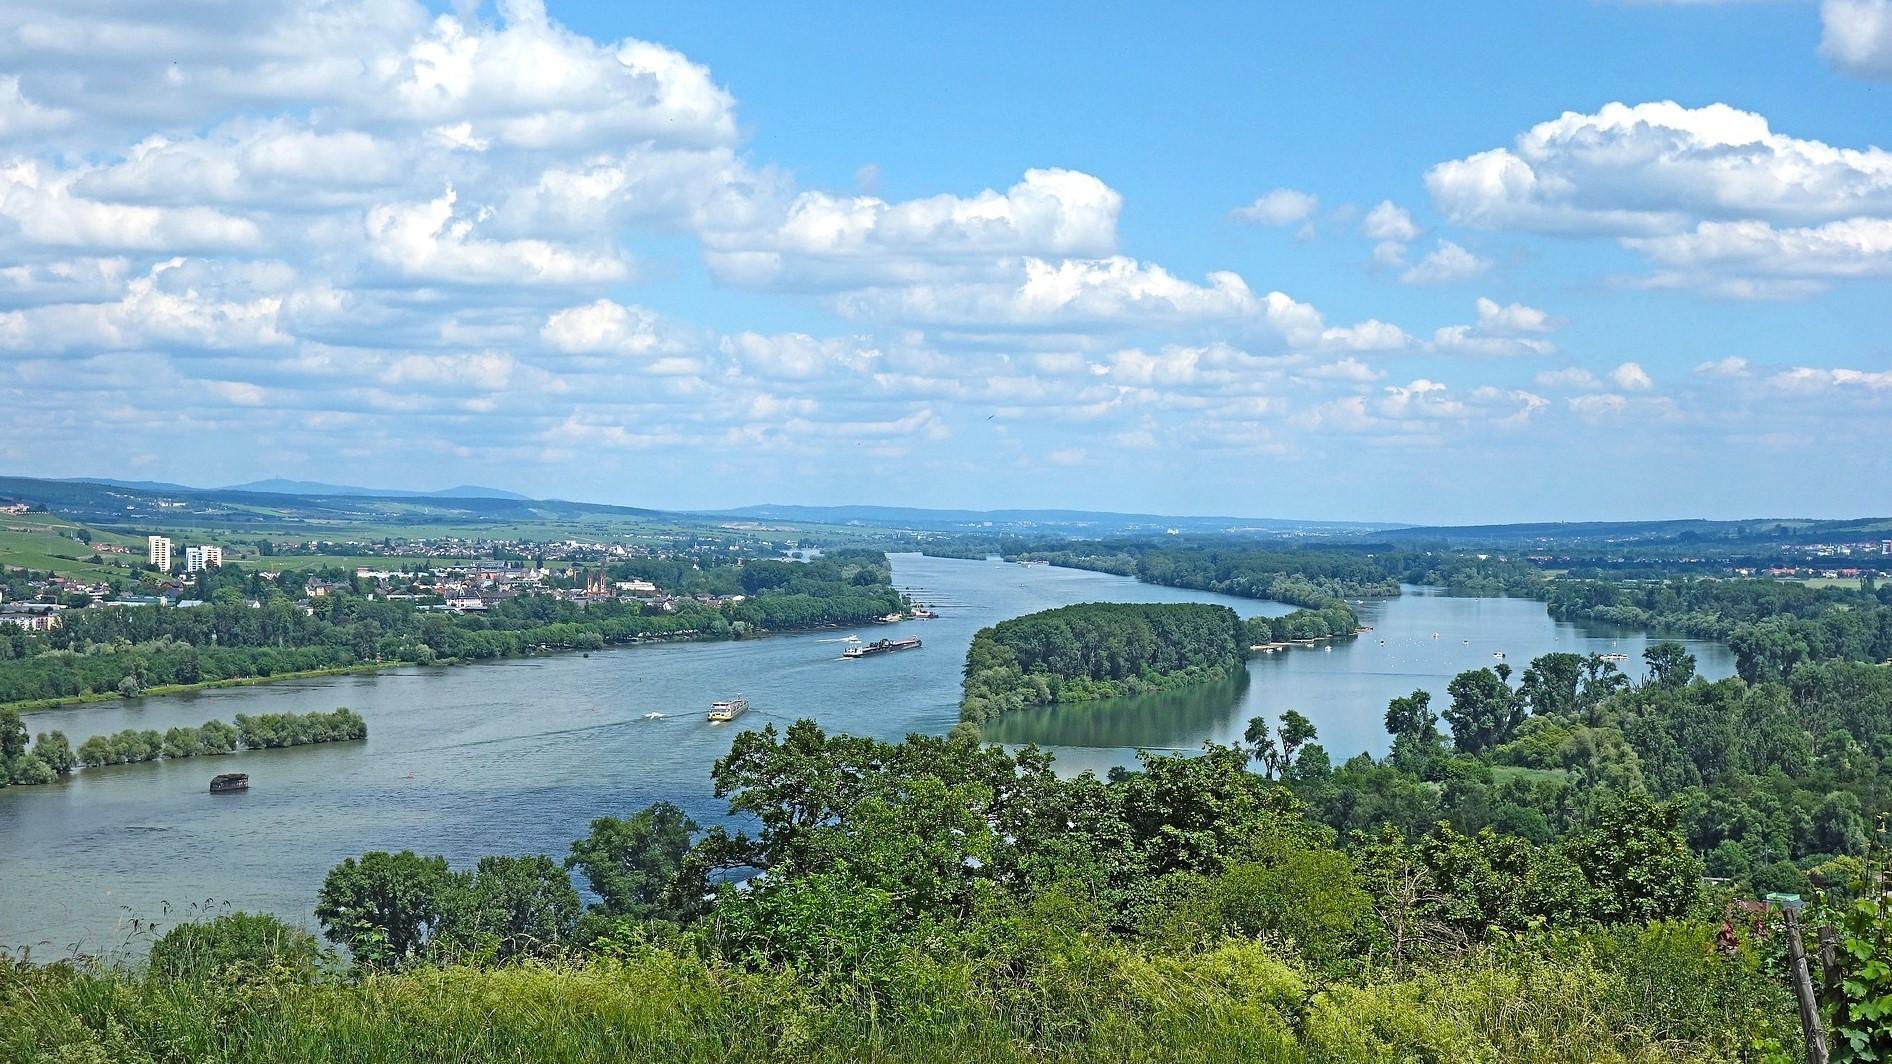 Der Rhein bei Rüdesheim und Bingen